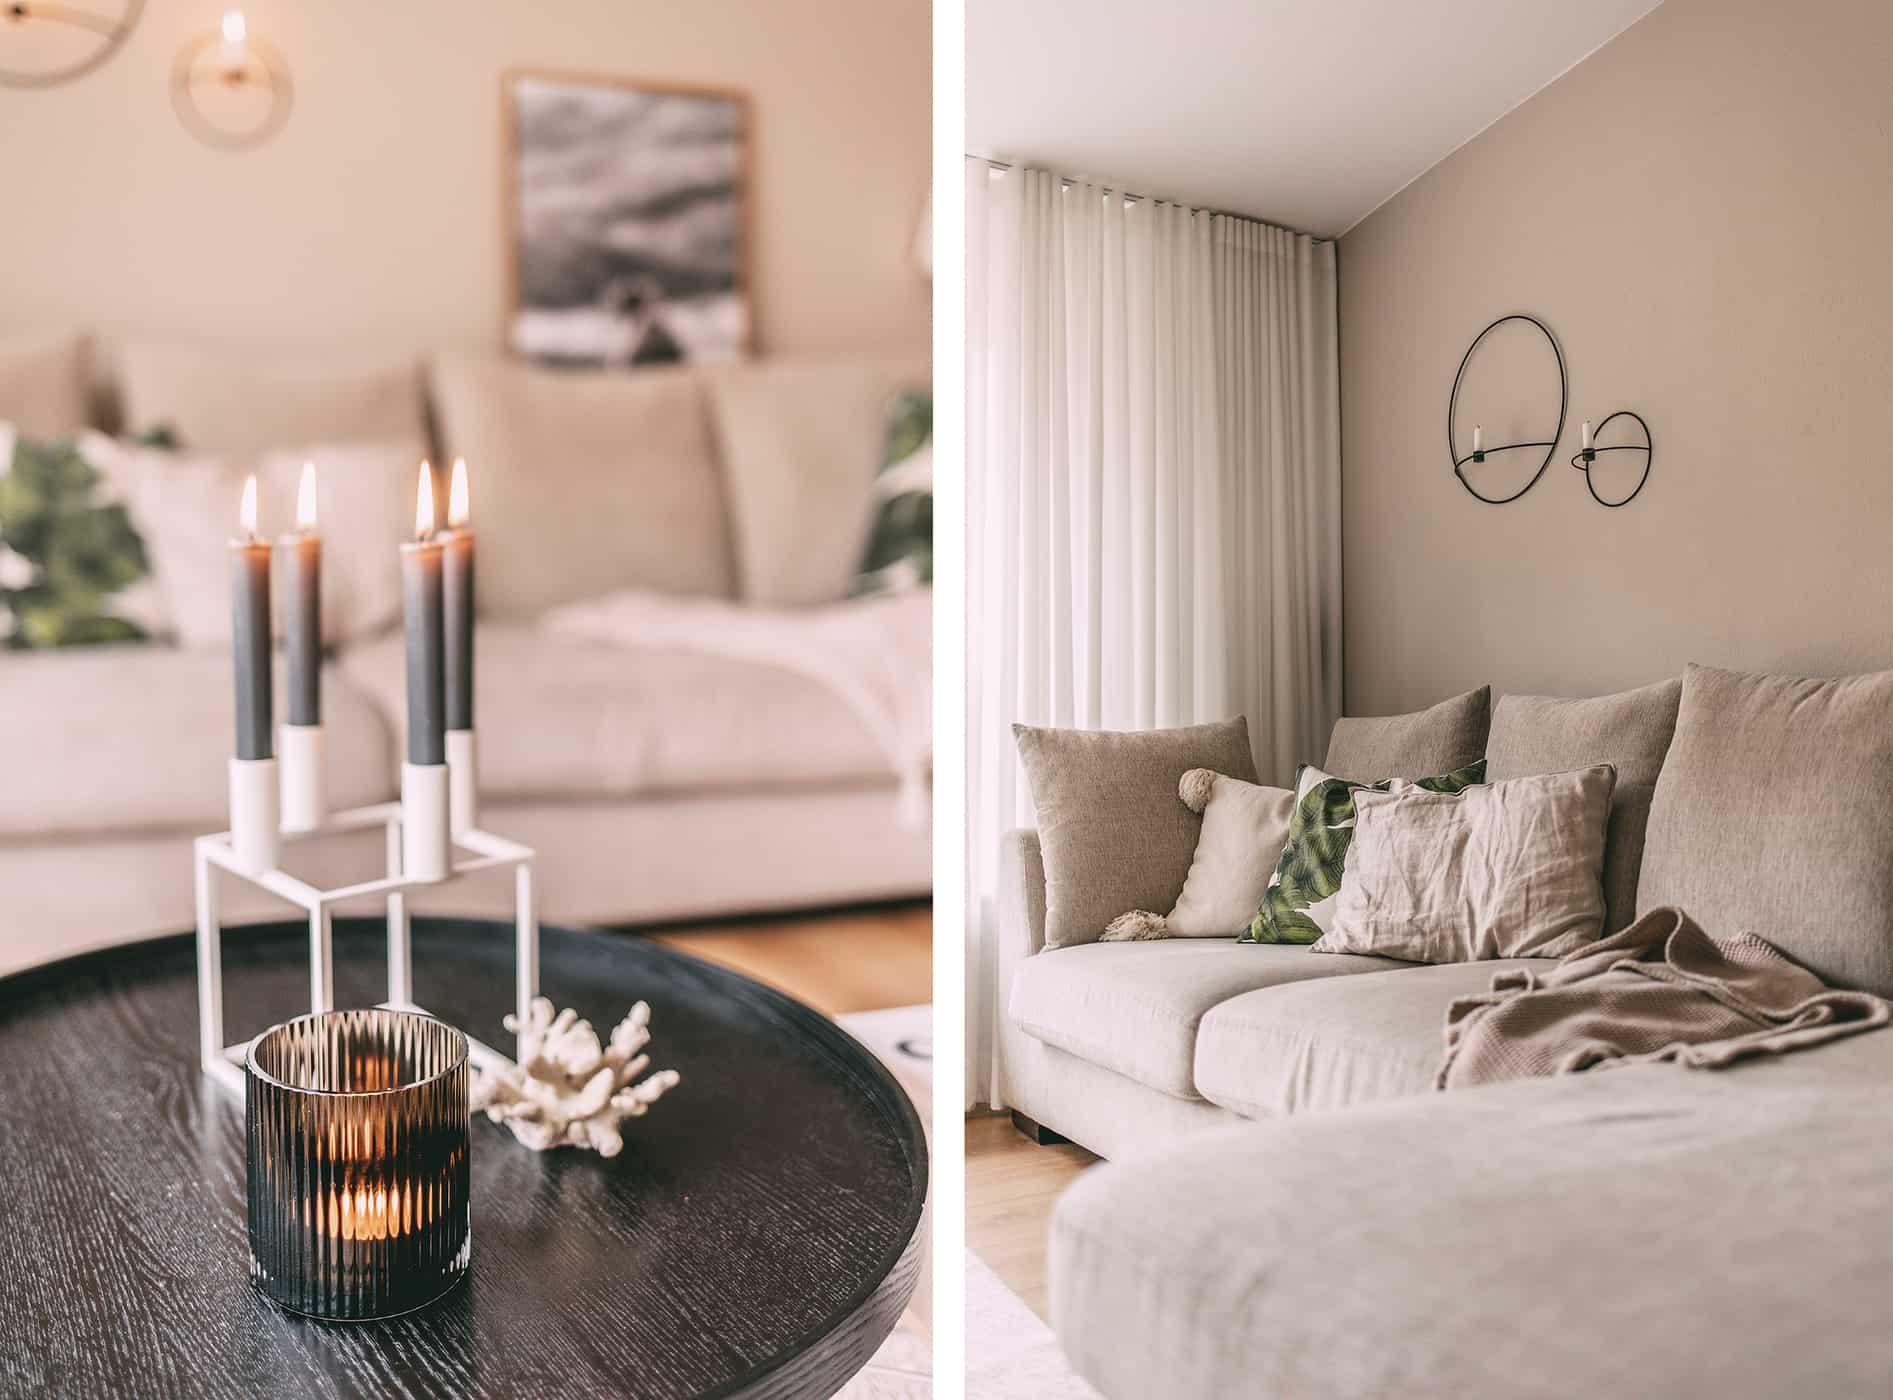 Kerzenständer und Couch